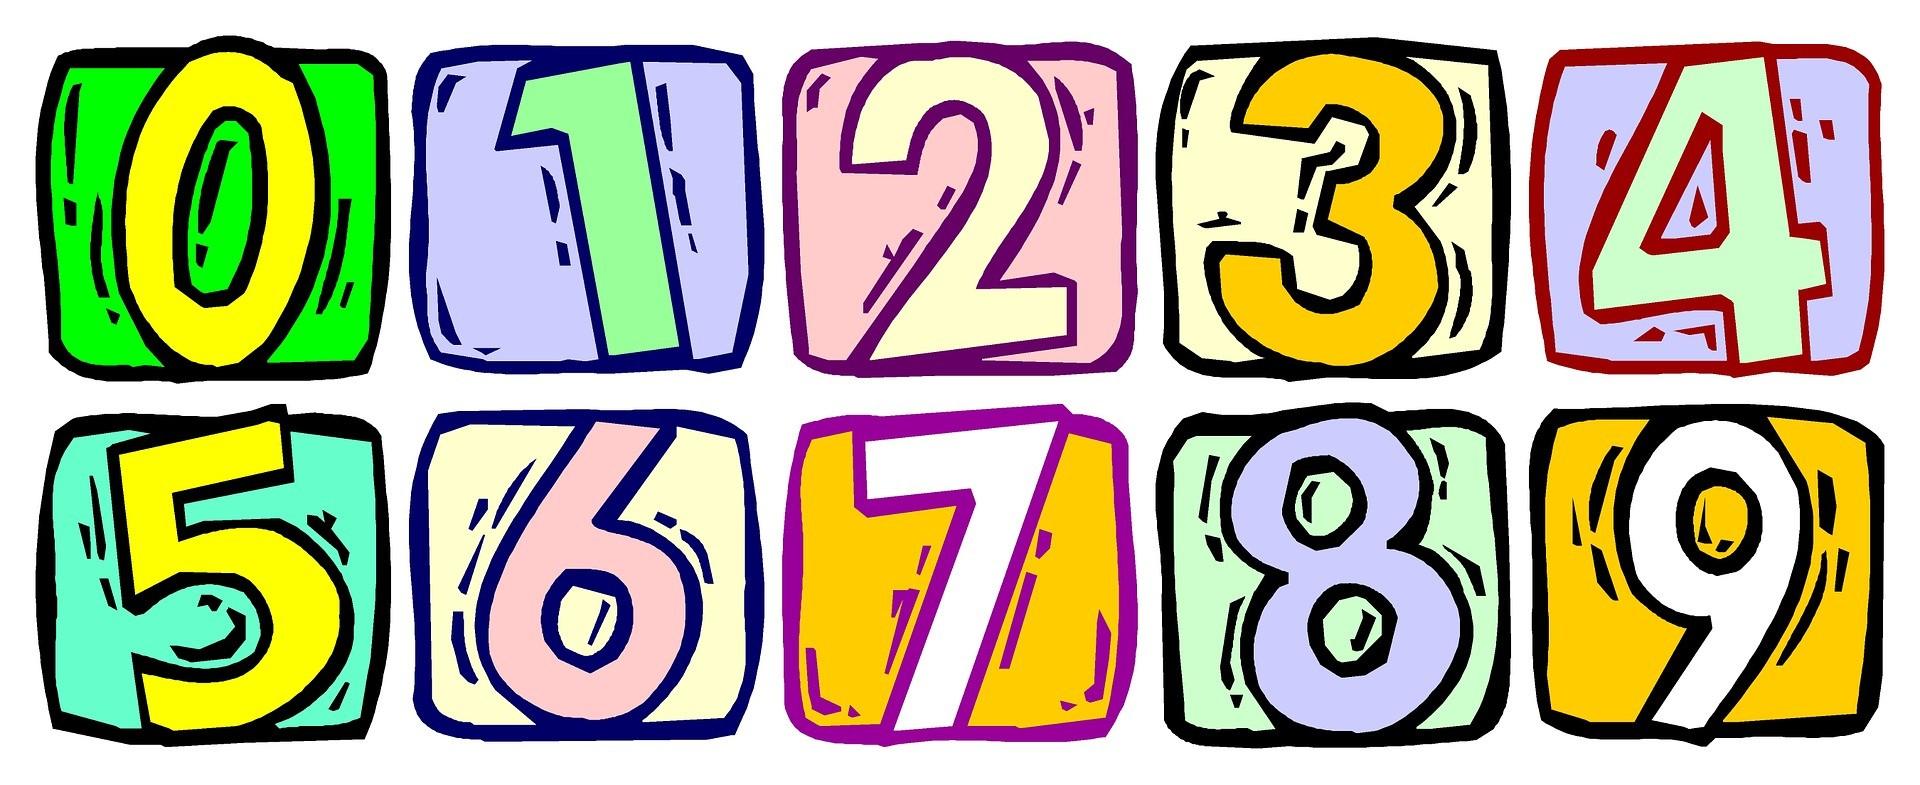 Qué es números naturales? Definición, concepto y significado.